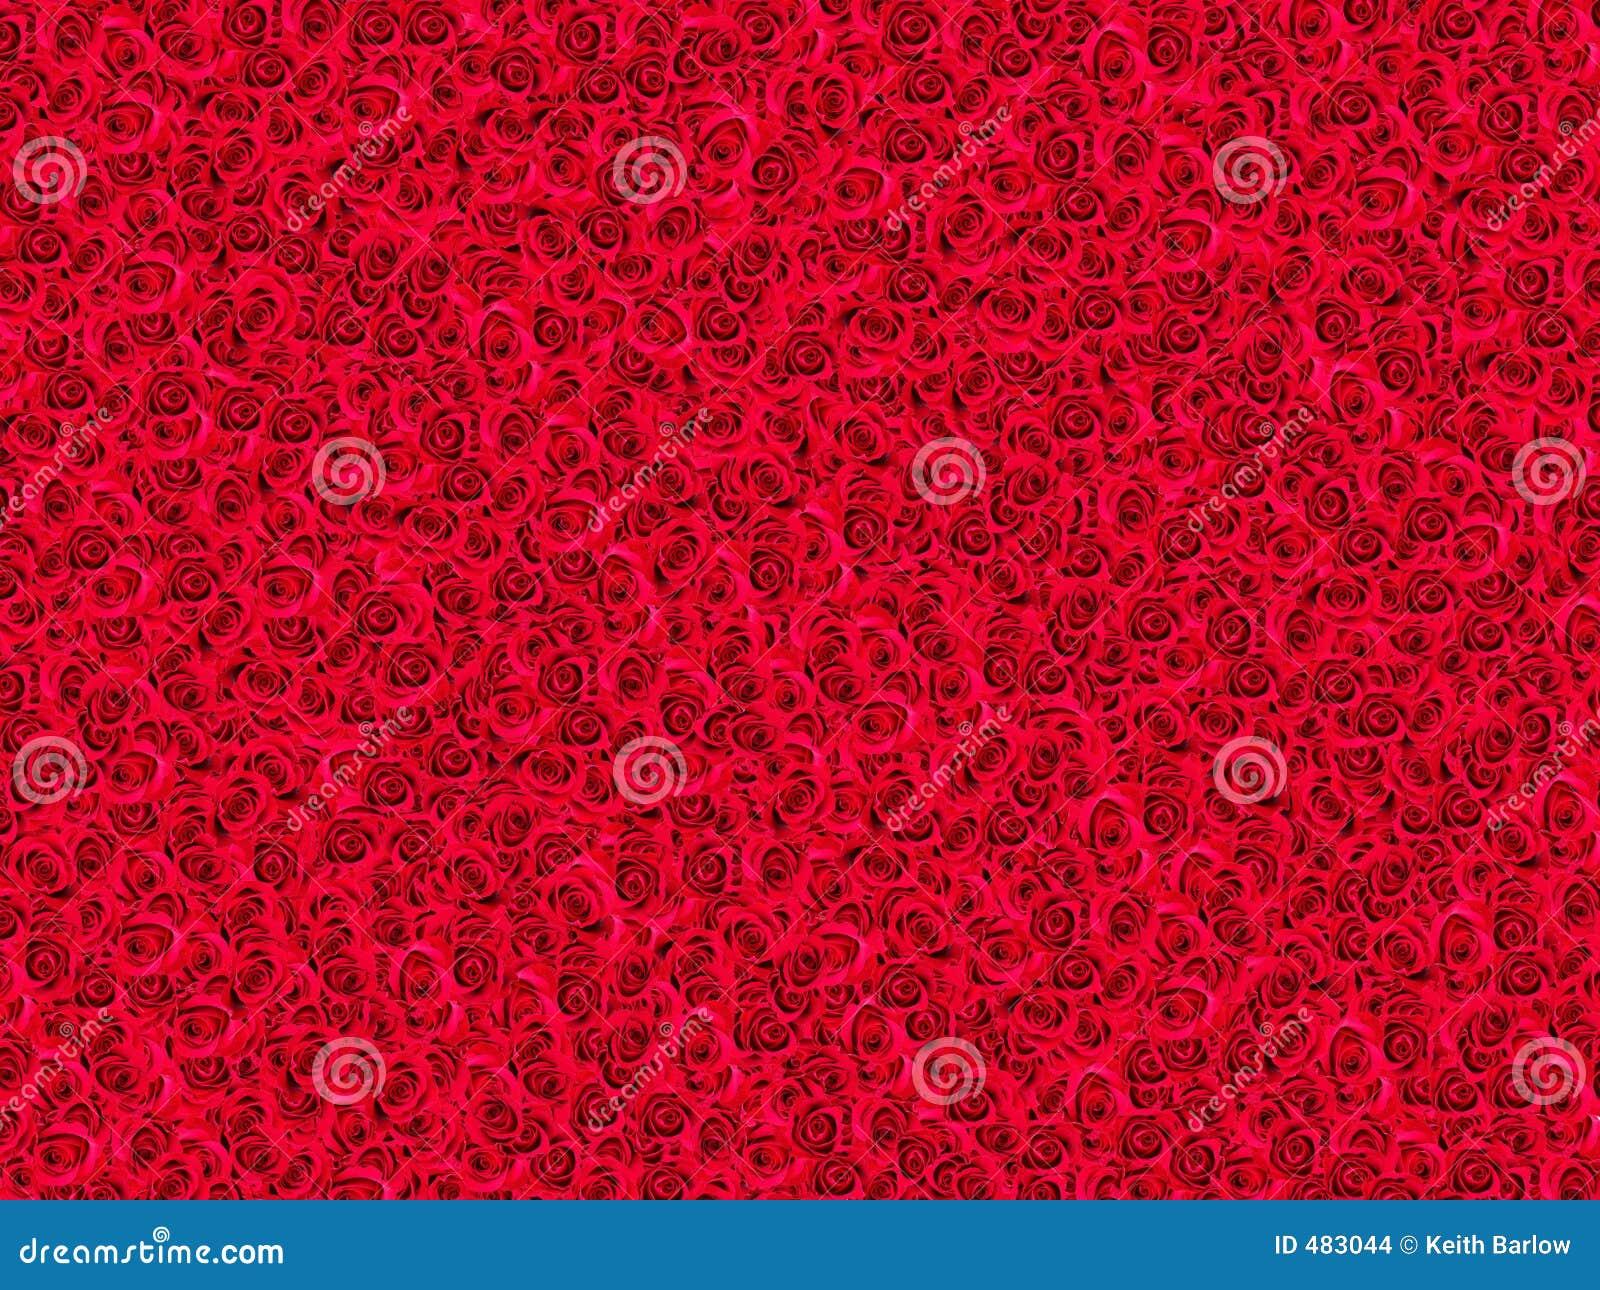 fundos fresco texturas vermelhas - photo #2